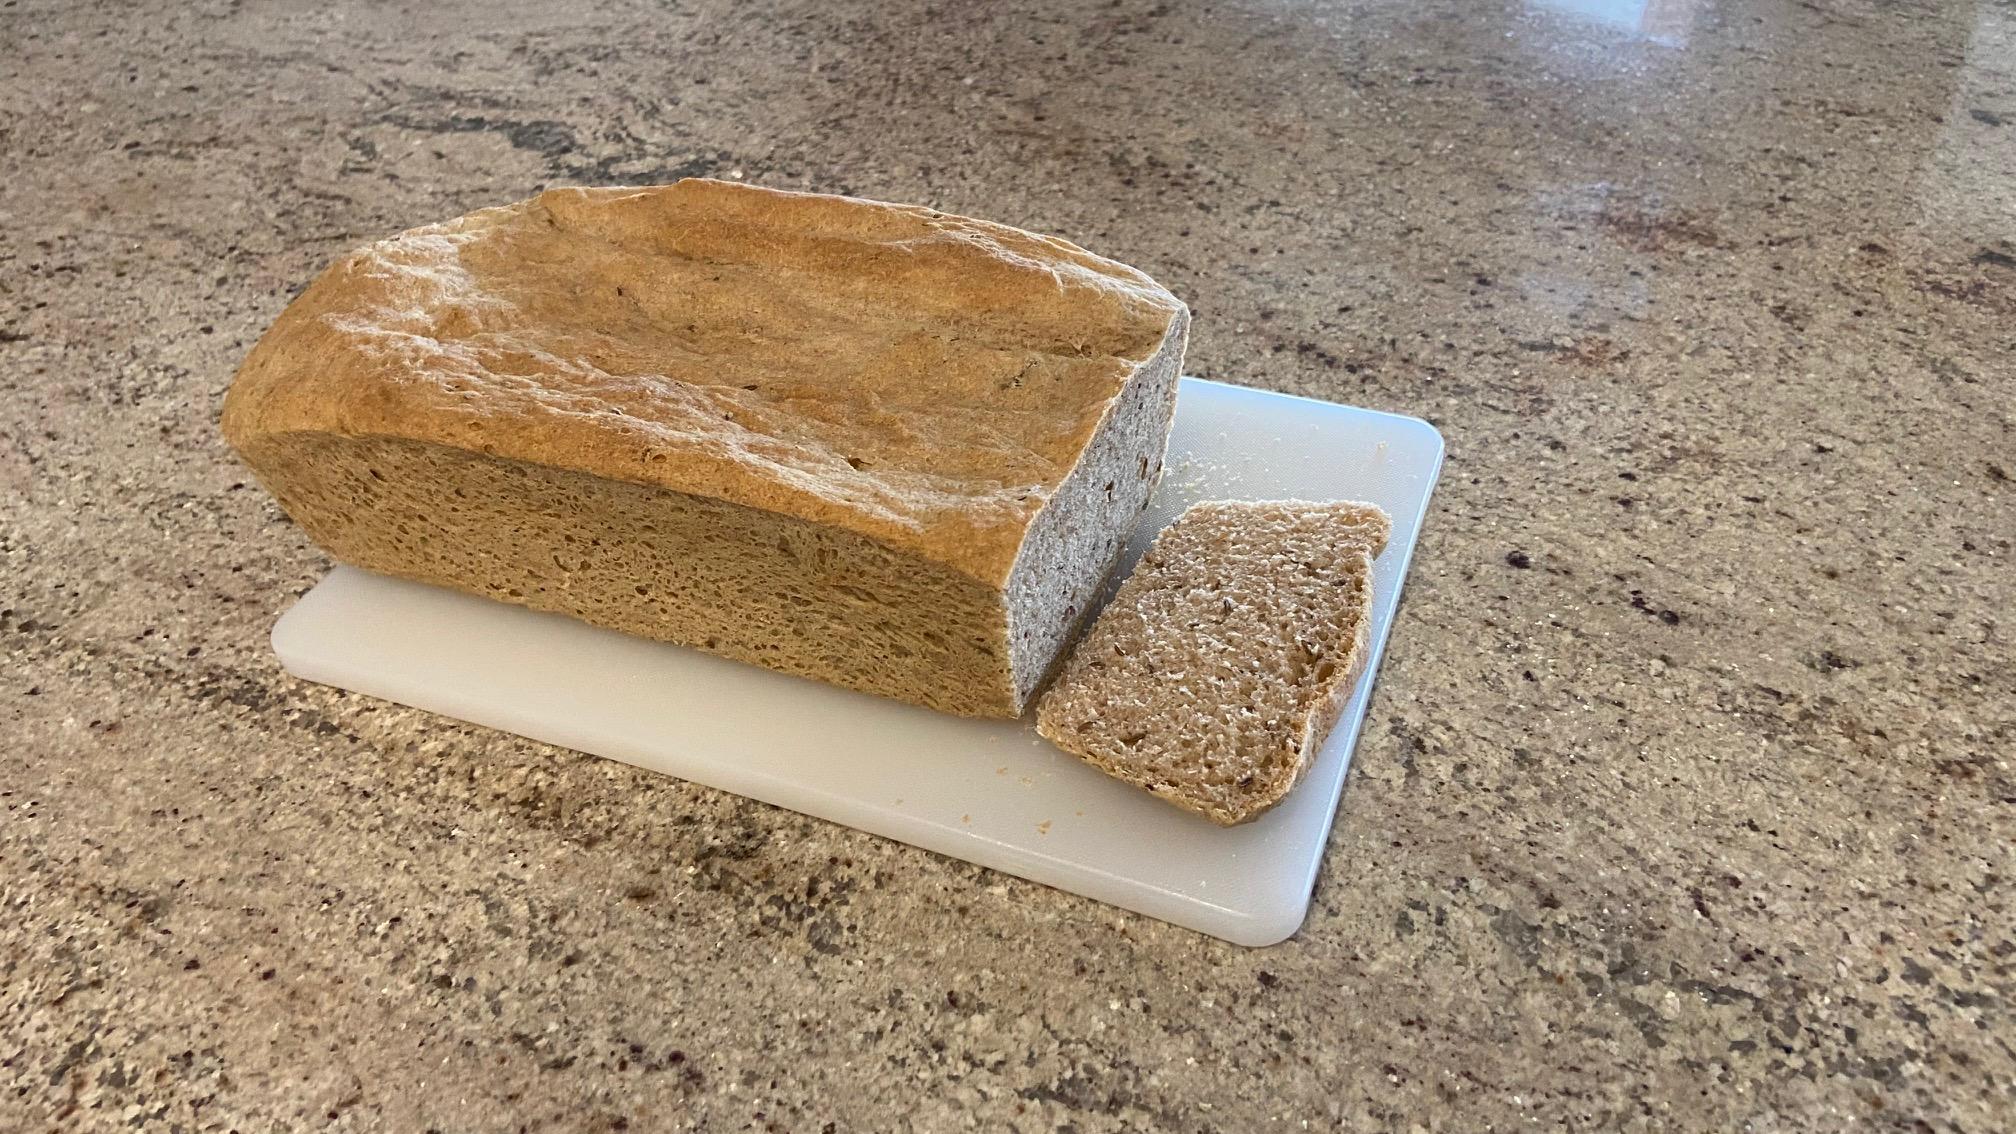 Real NY Jewish Rye Bread